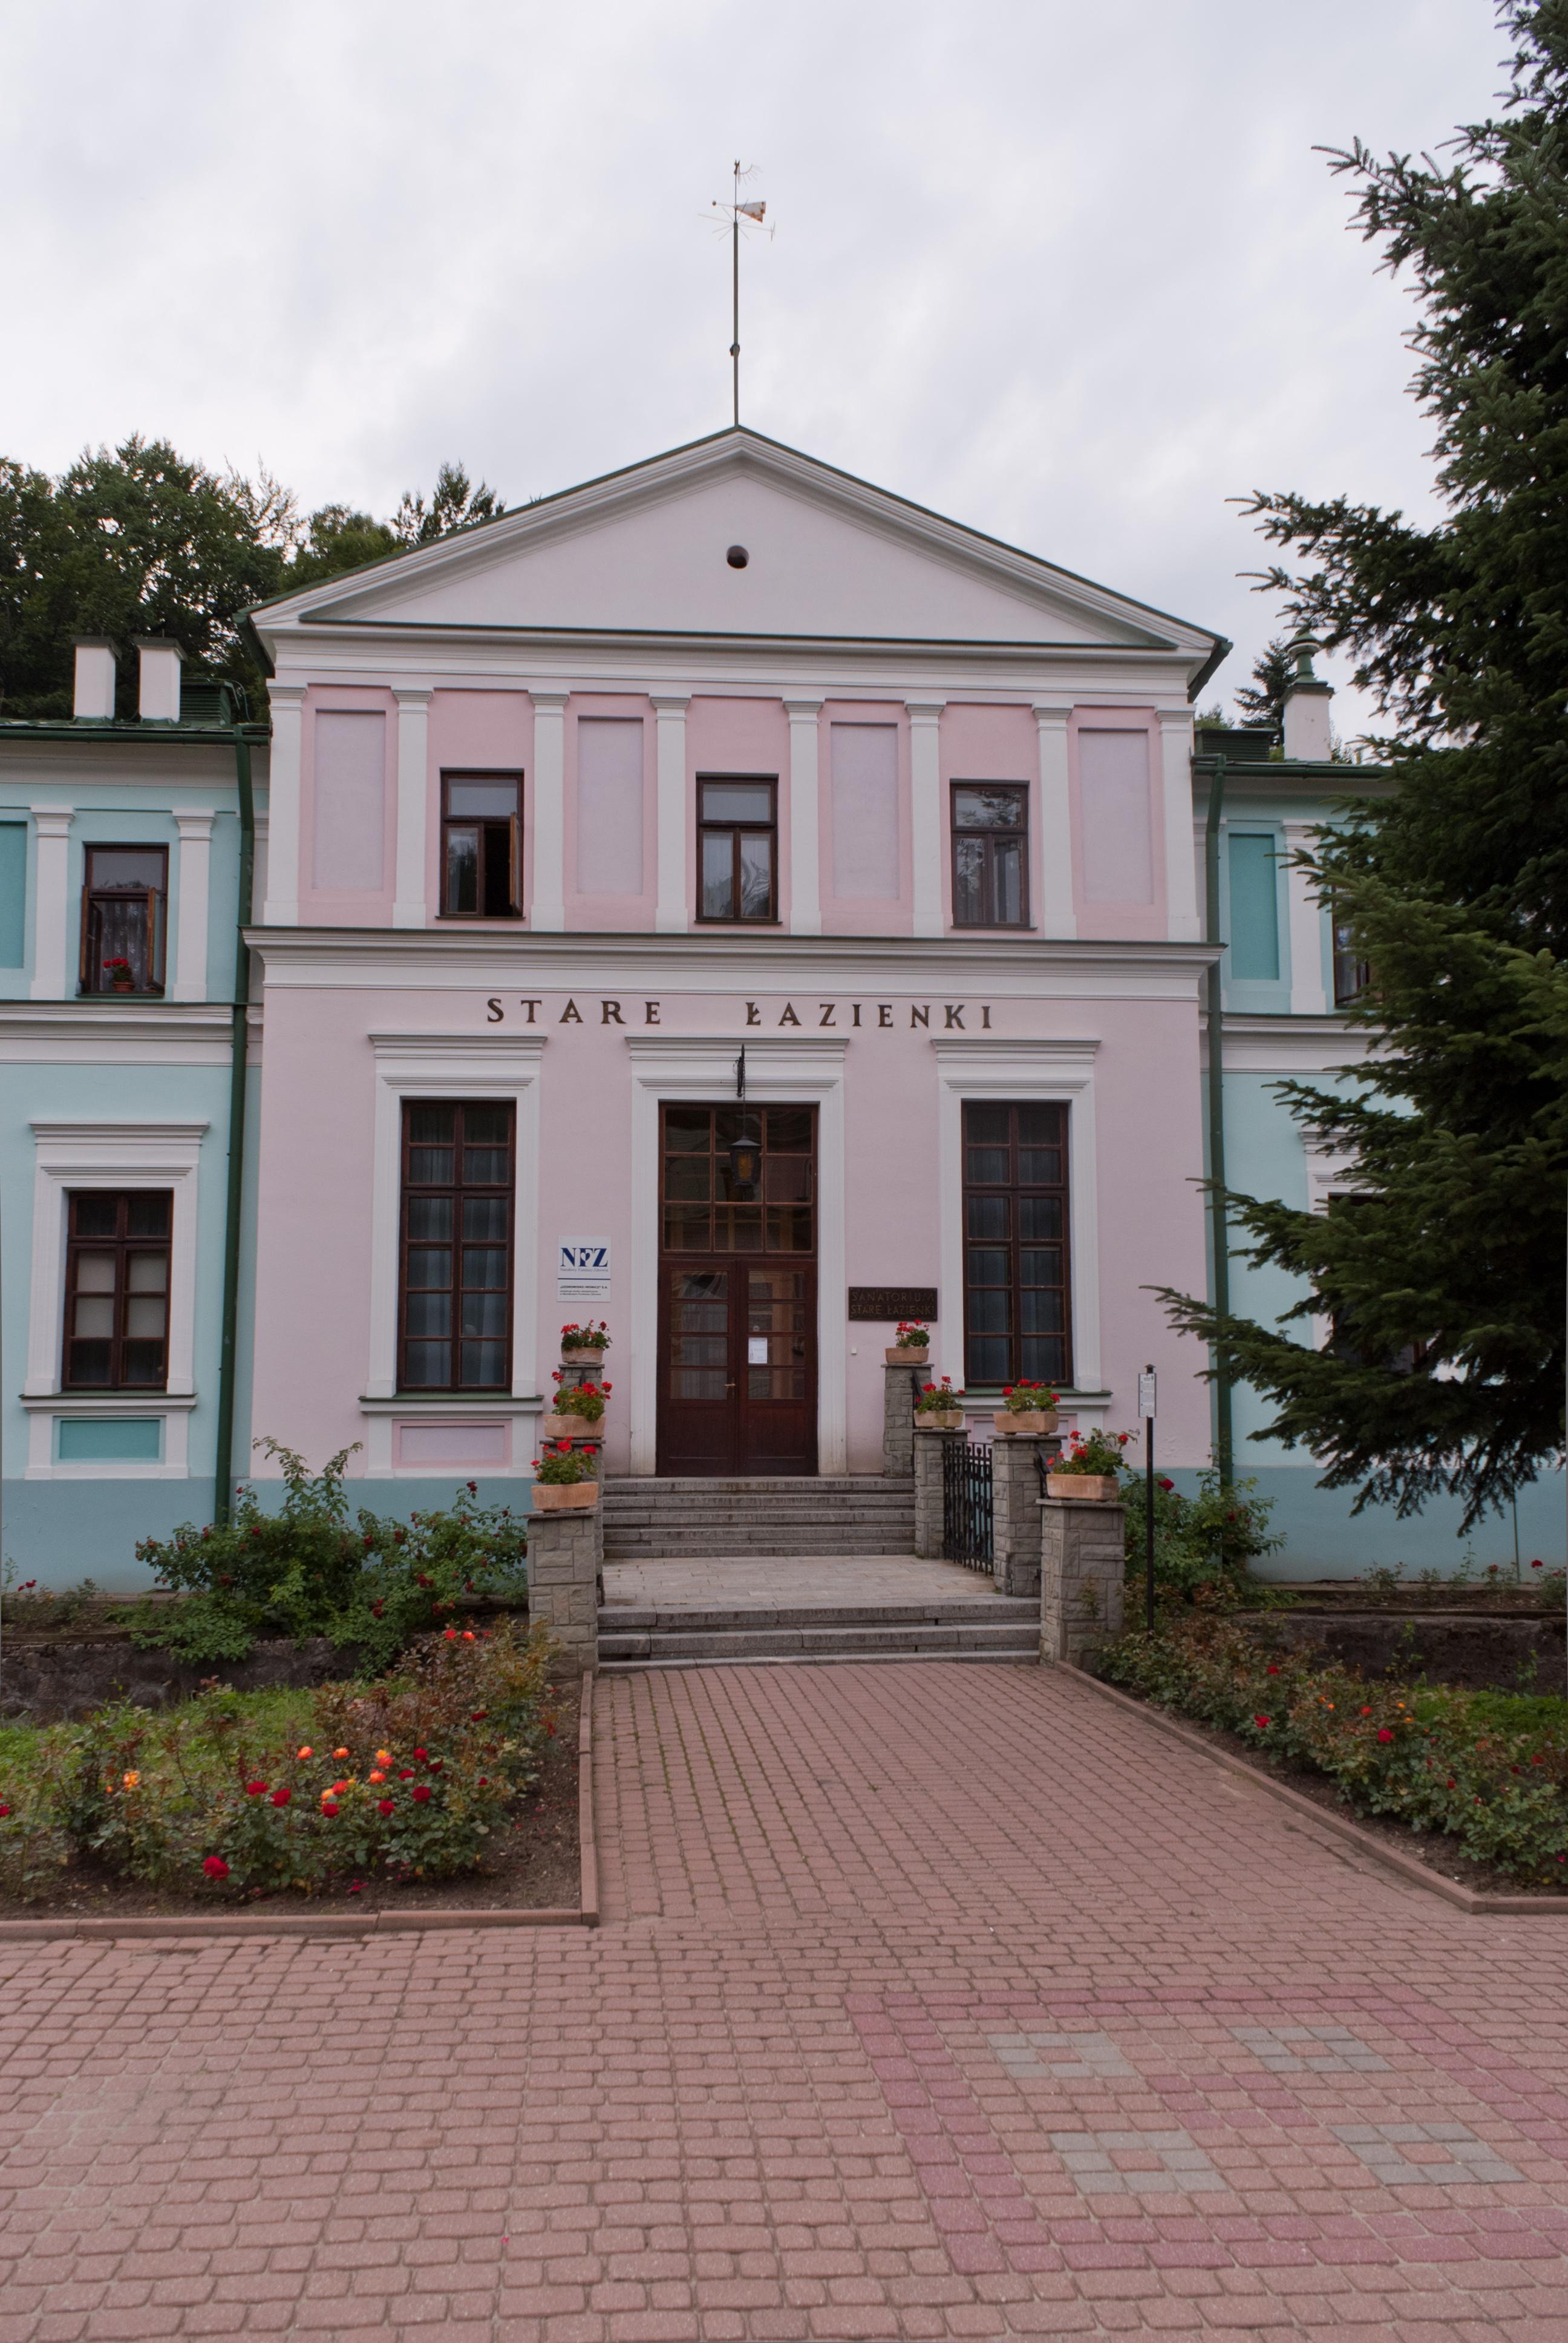 Fileiwonicz Zdrój Stare łazienkijpg Wikimedia Commons